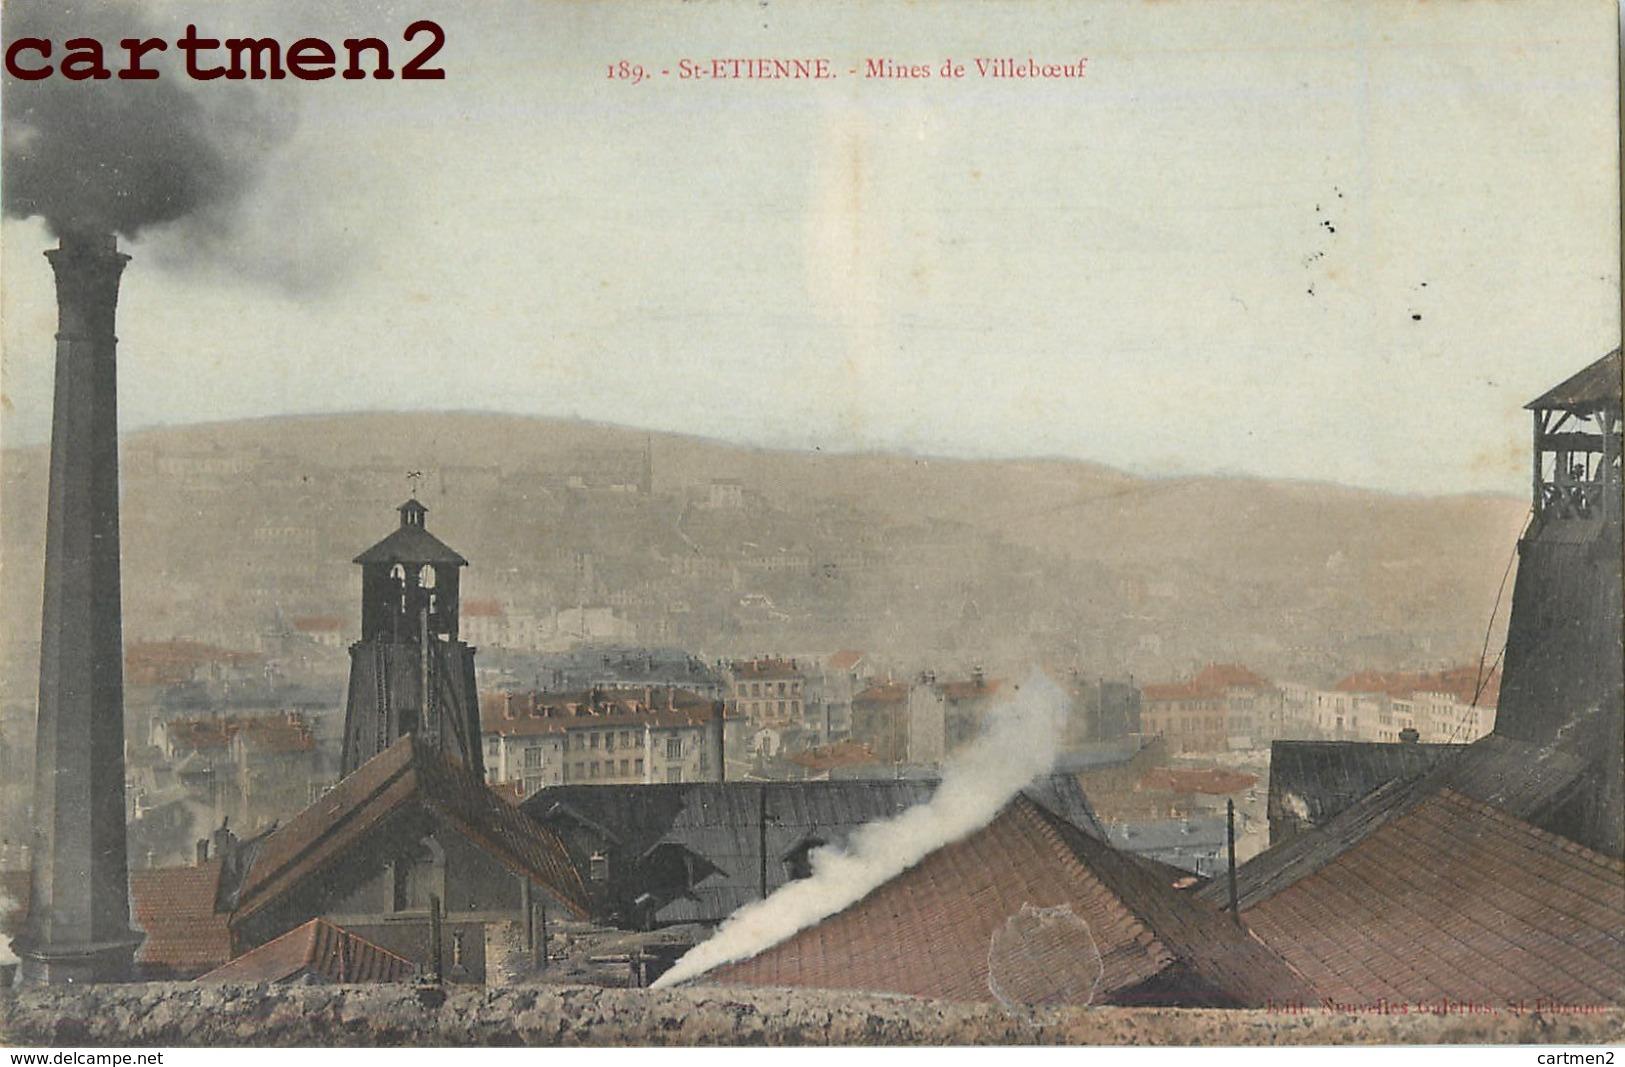 SAINT-ETIENNE MINES DE VILLEBOEUF 42 - Saint Etienne